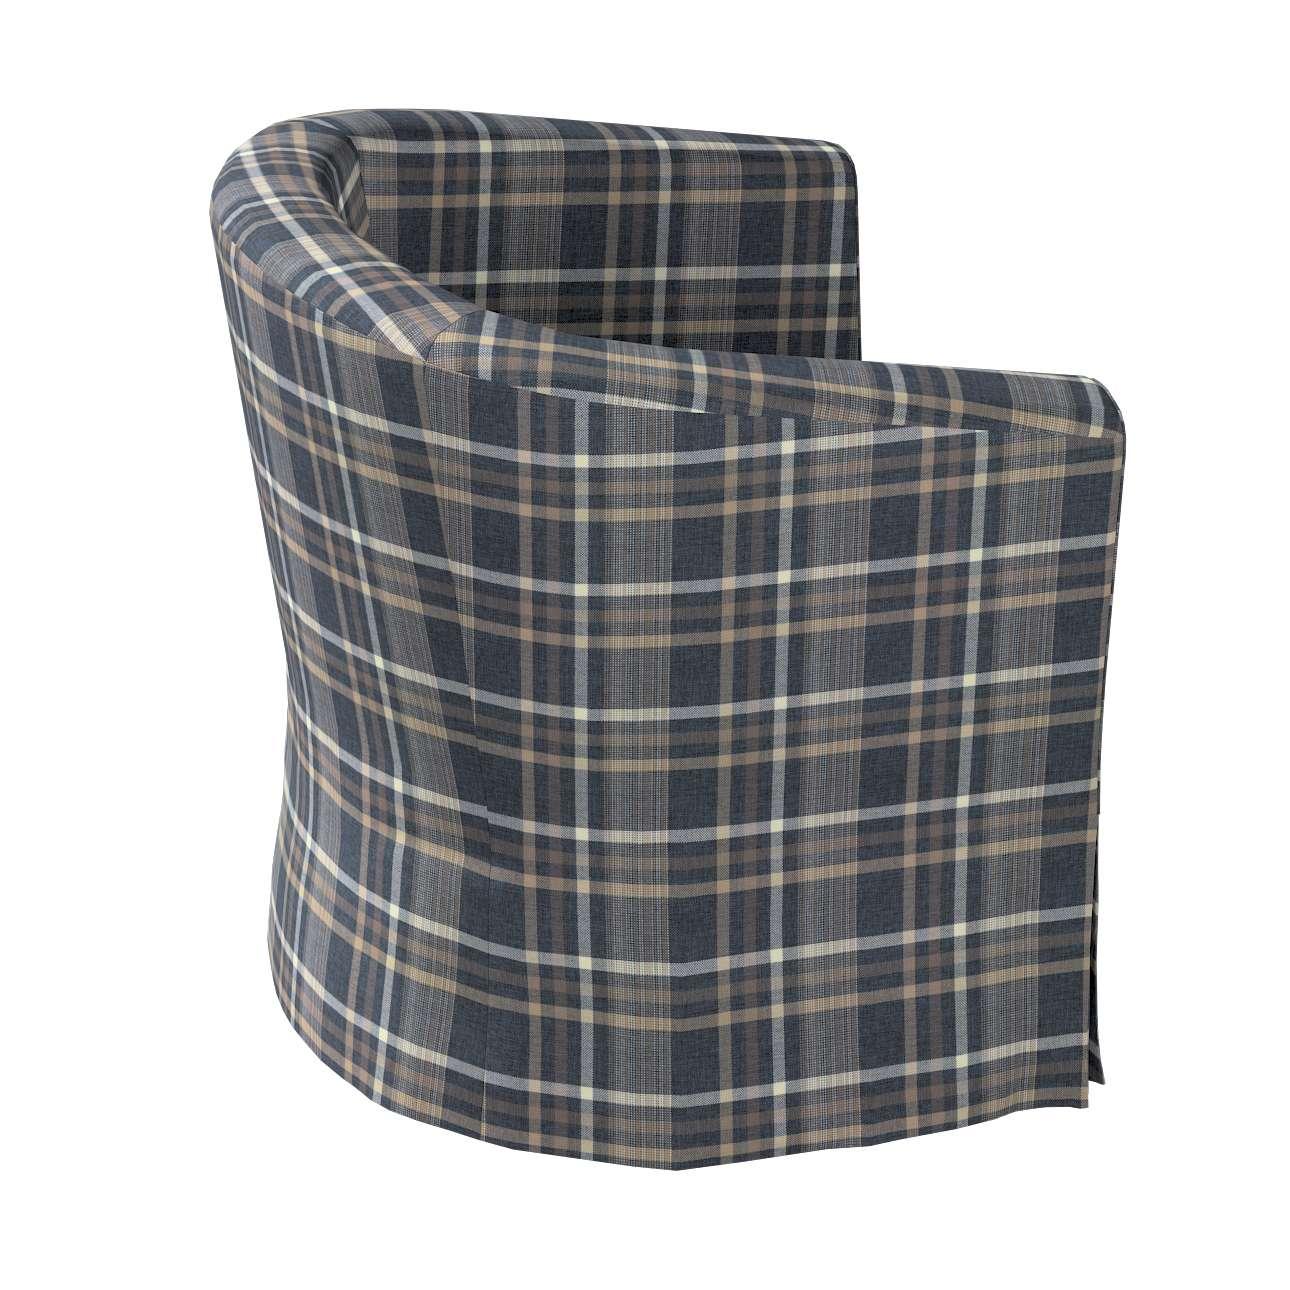 Pokrowiec na fotel Ektorp Tullsta w kolekcji Edinburgh, tkanina: 703-16